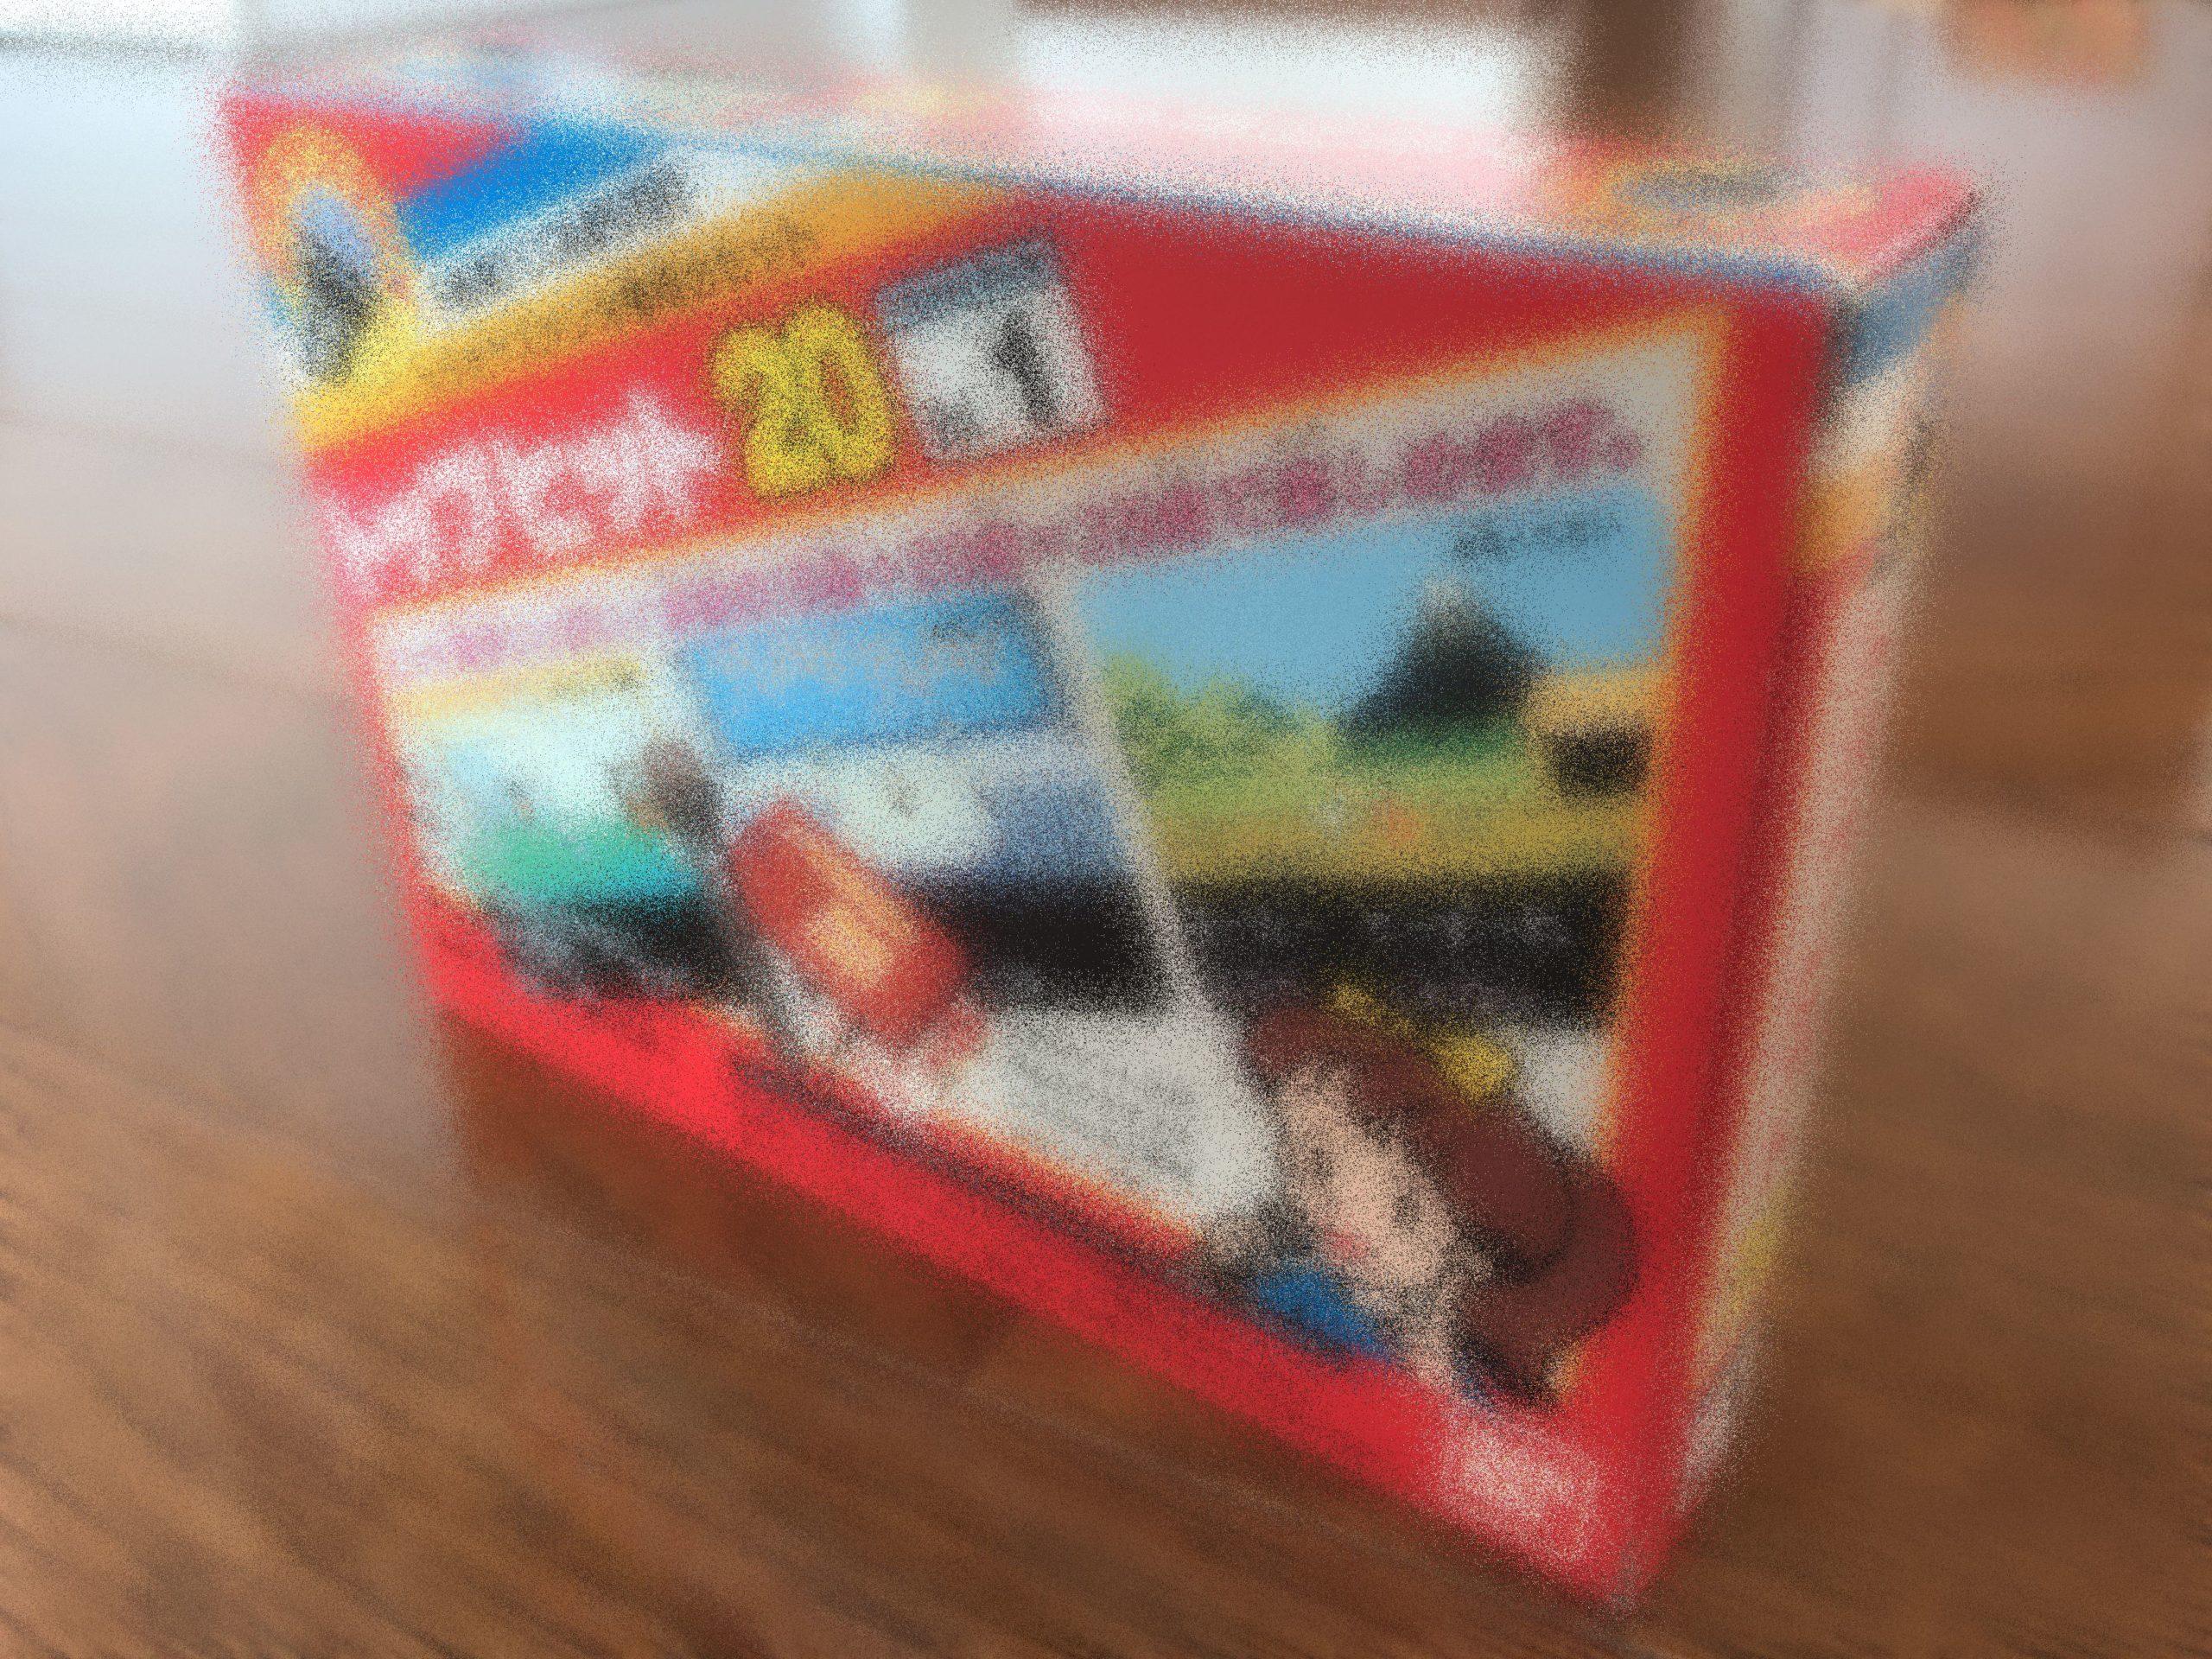 ファミコンカセット本日の成果は1本です。カラオケスタジオ専用カセット1をゲットしました